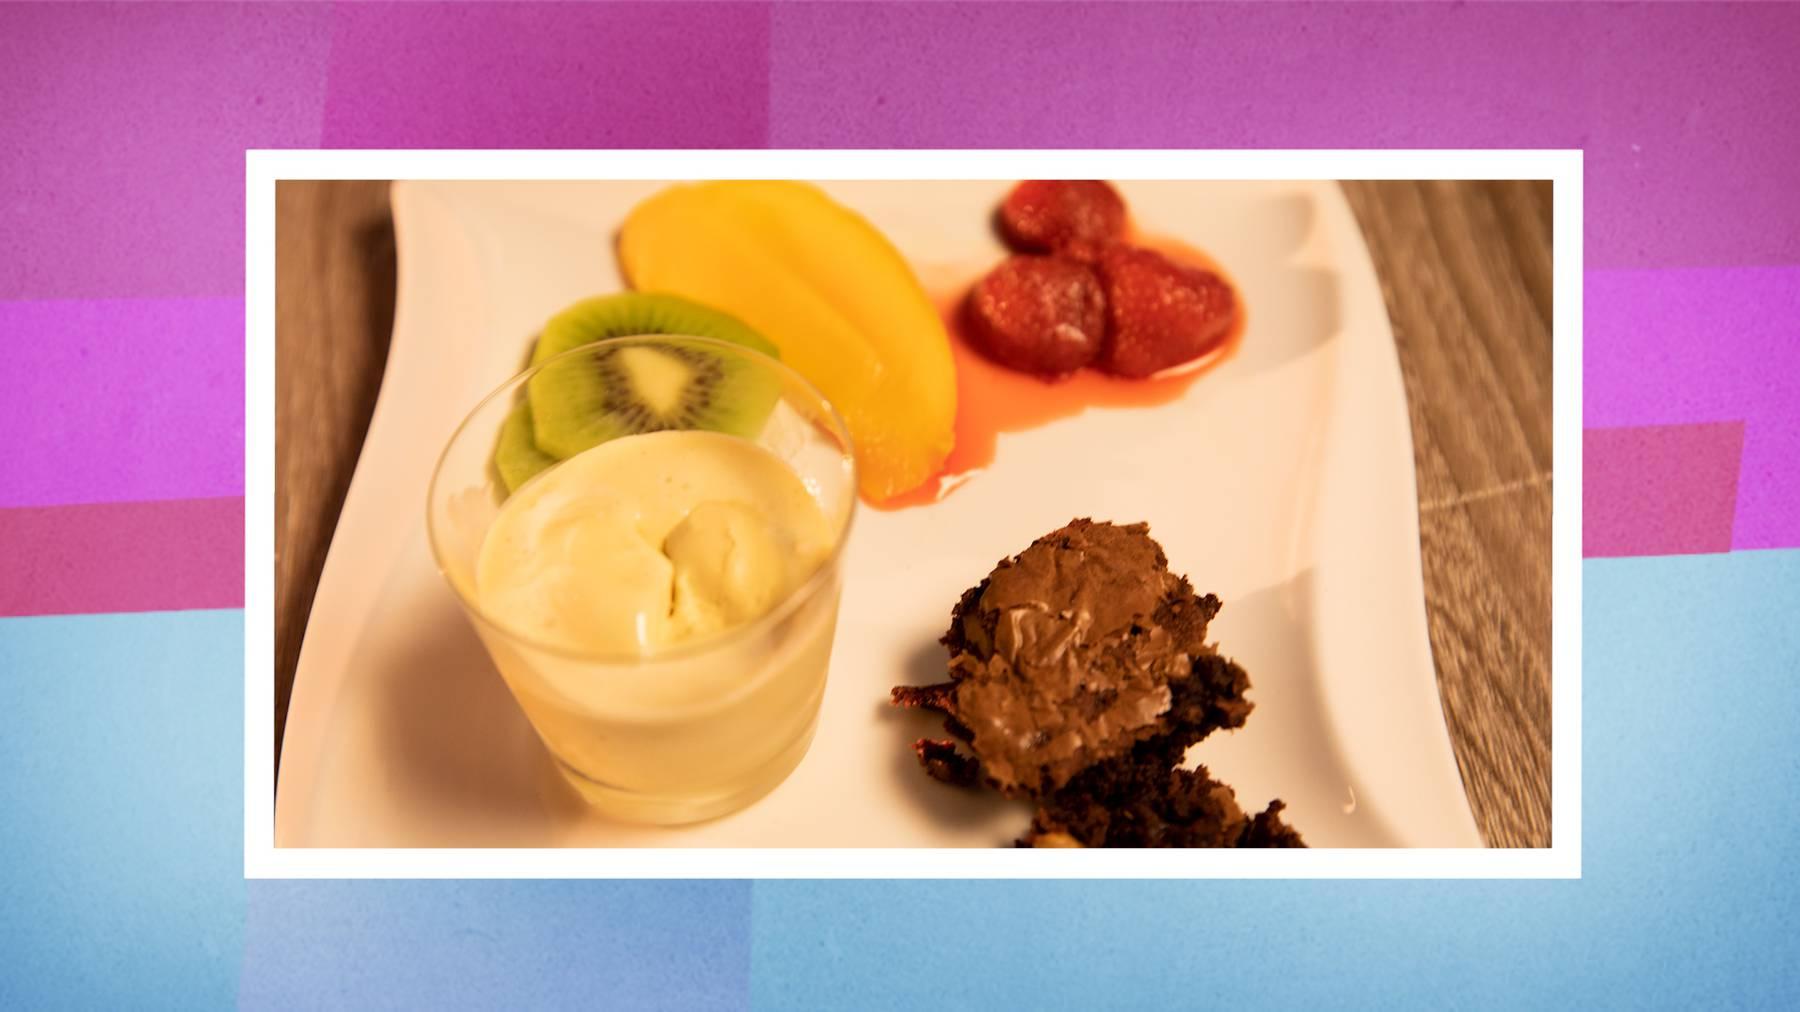 Das Dessert: Tonkabohnen-Glace und Brownie mit Früchtevariation